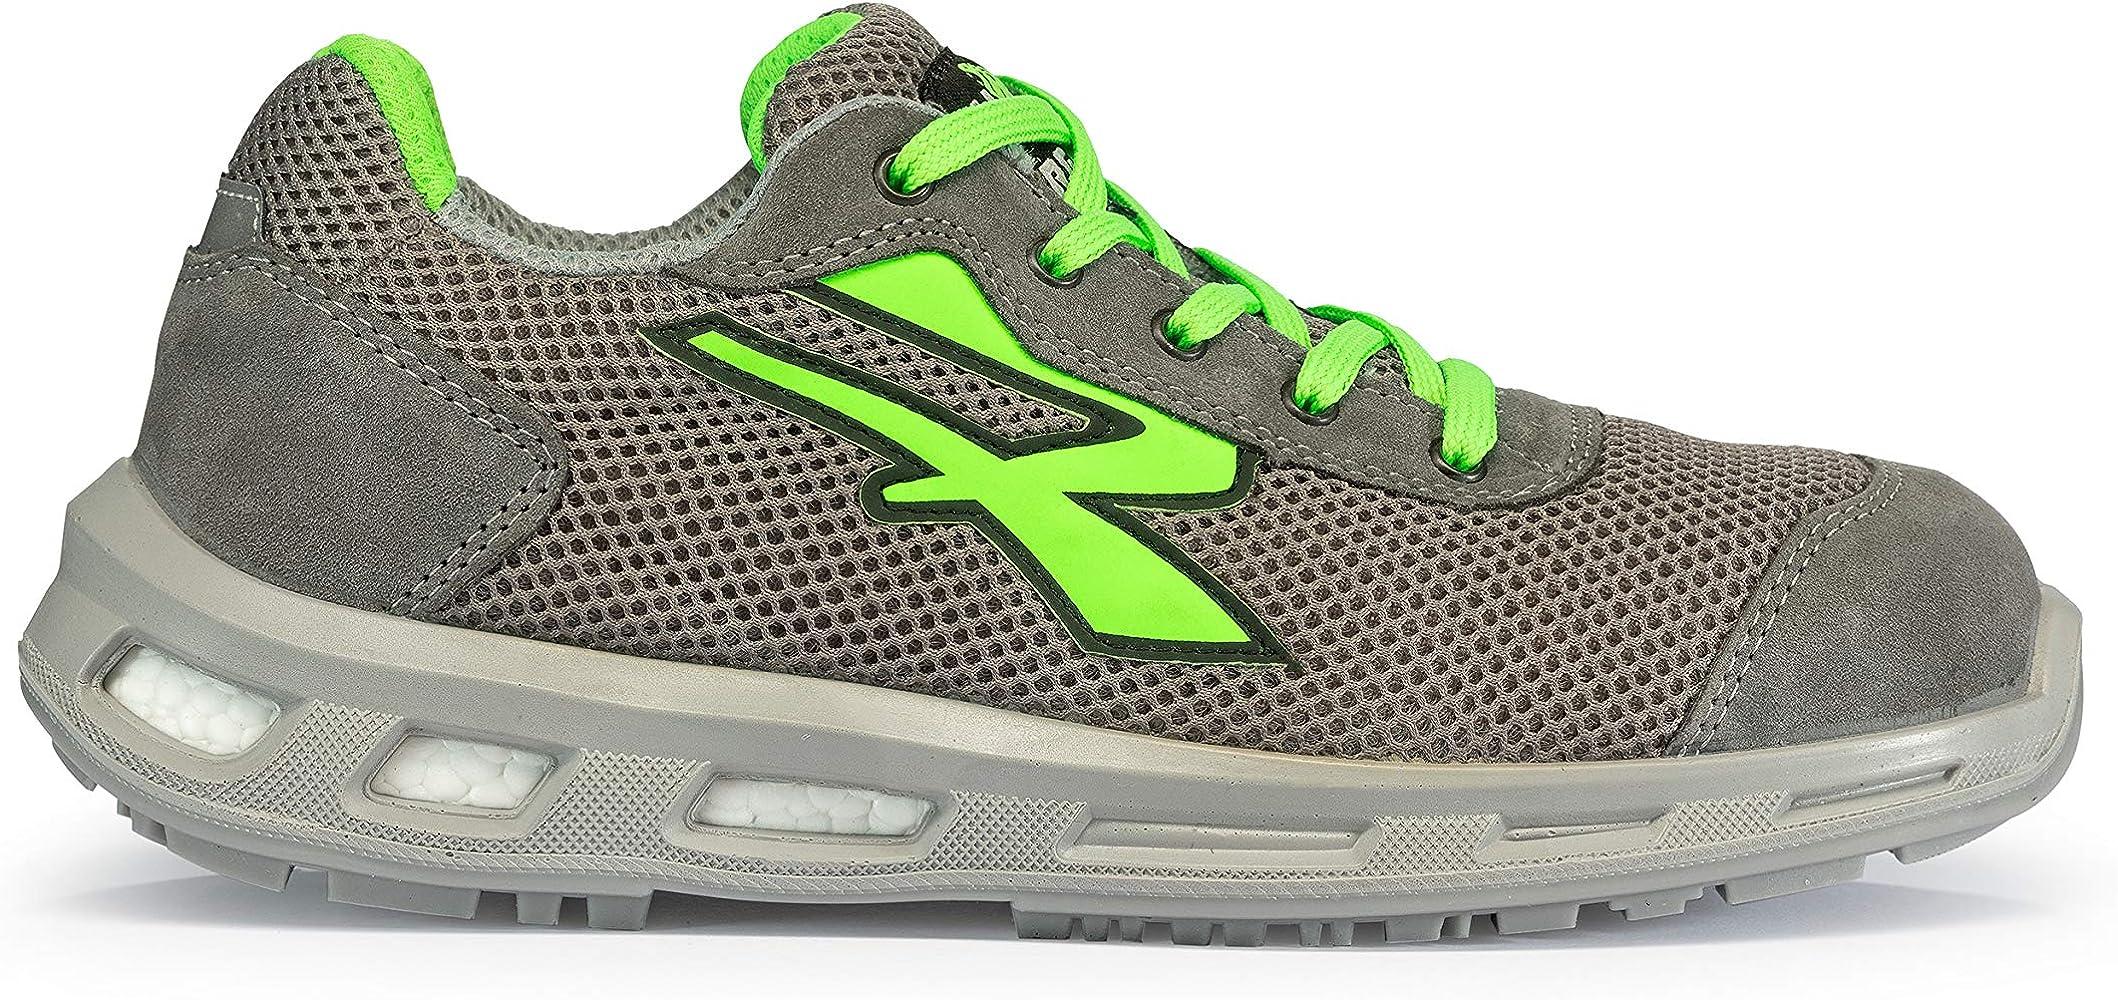 U-POWER Summer S1p SRC, Zapatos de Seguridad Unisex Adulto, Verde ...